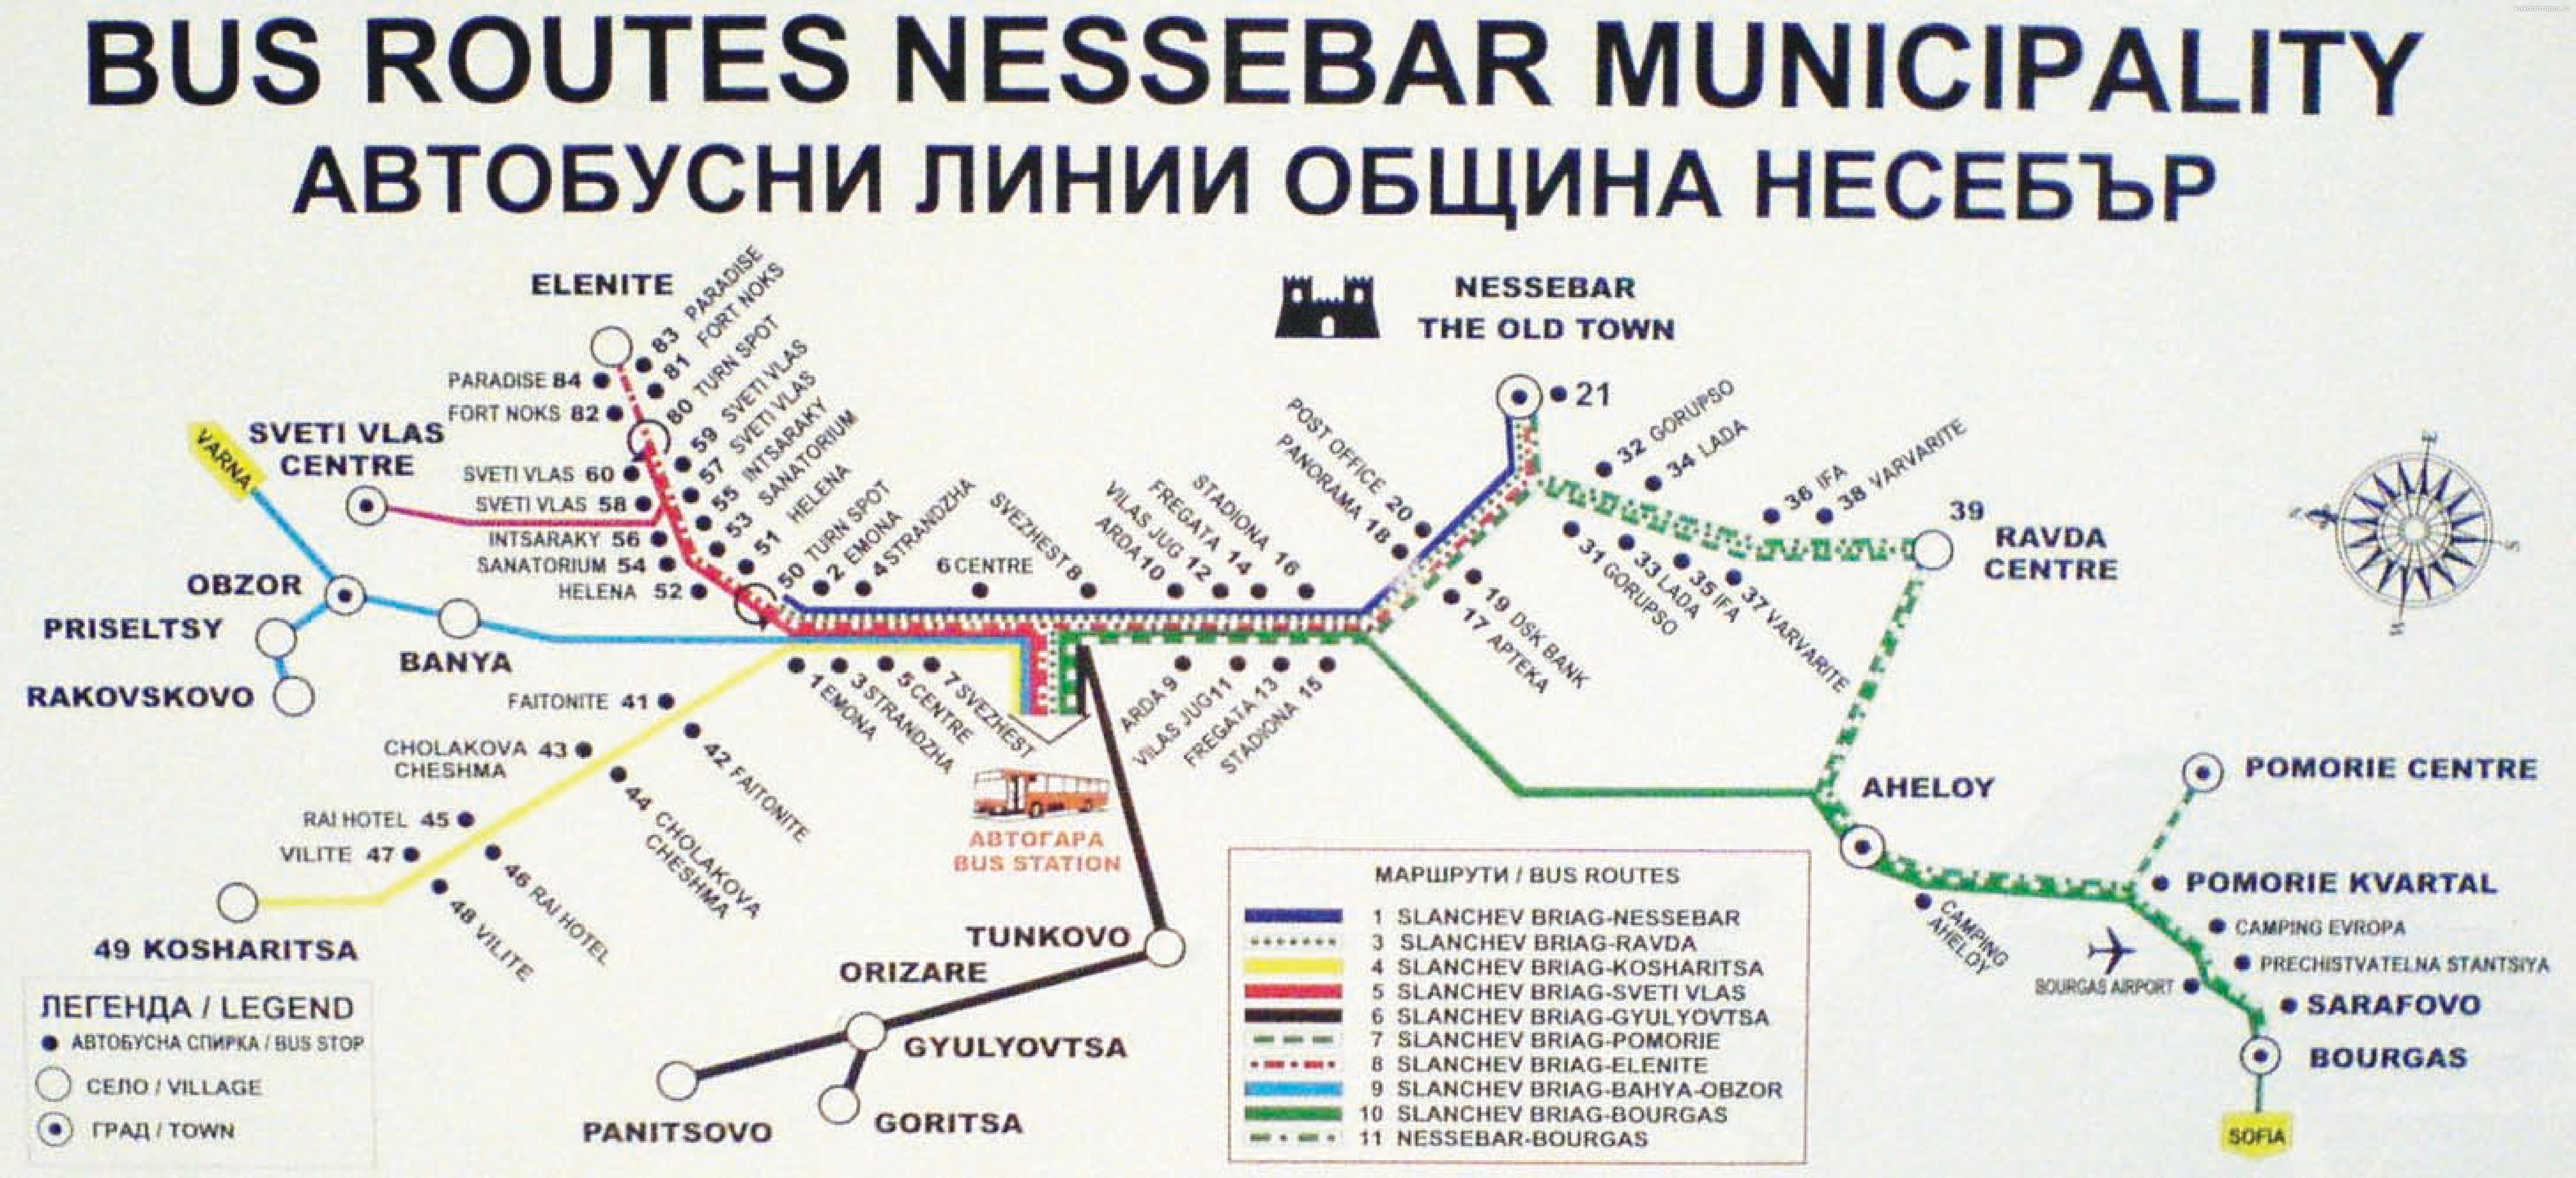 Карта автобусных маршрутов общины Несебр и Солнечный Берег